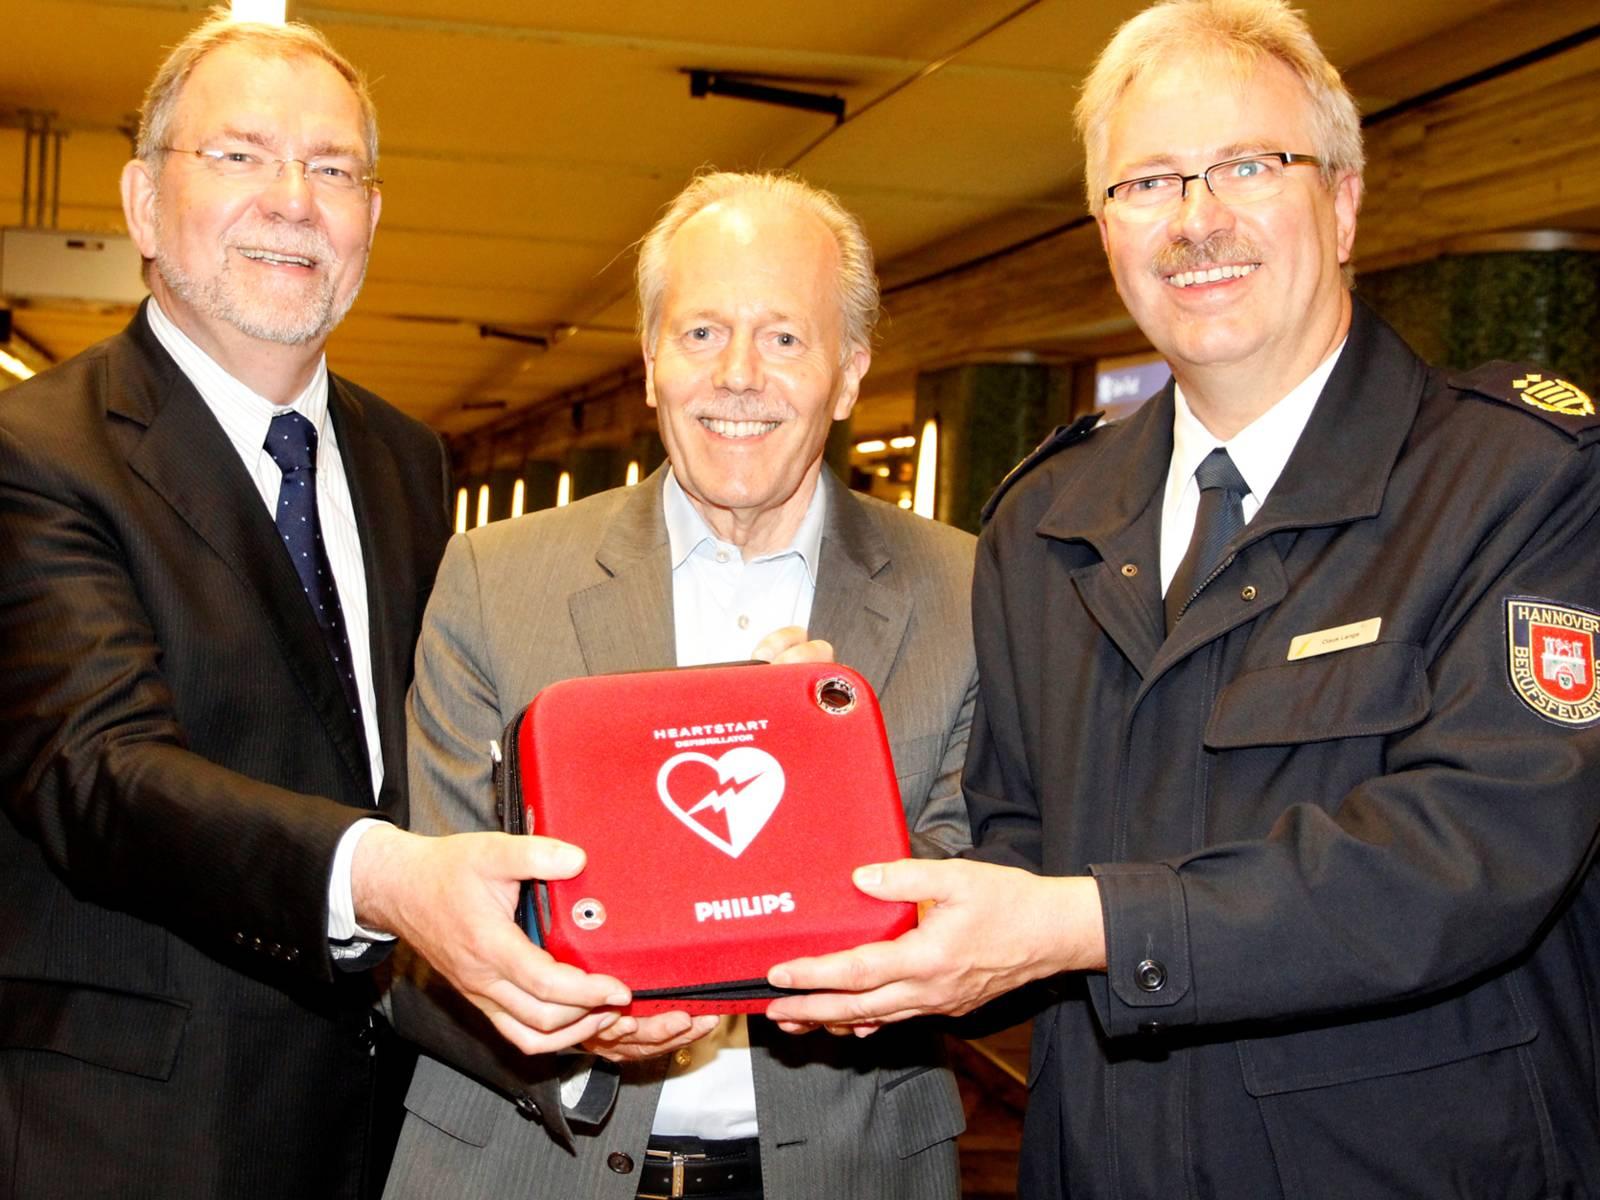 Drei Männer mit einem Gerät